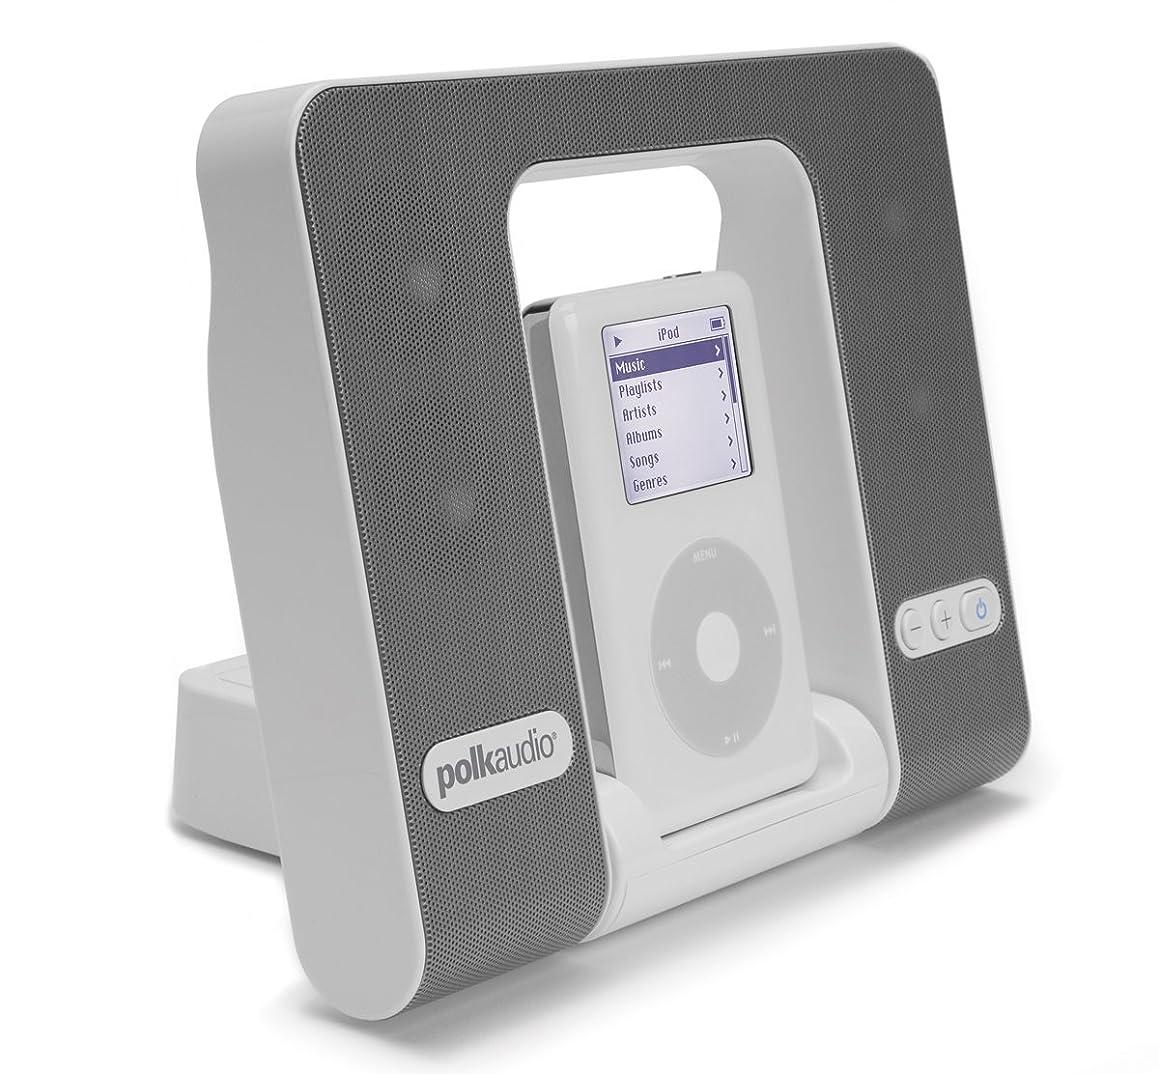 Polk Audio miDock Portfolio Dock for iPod (White)